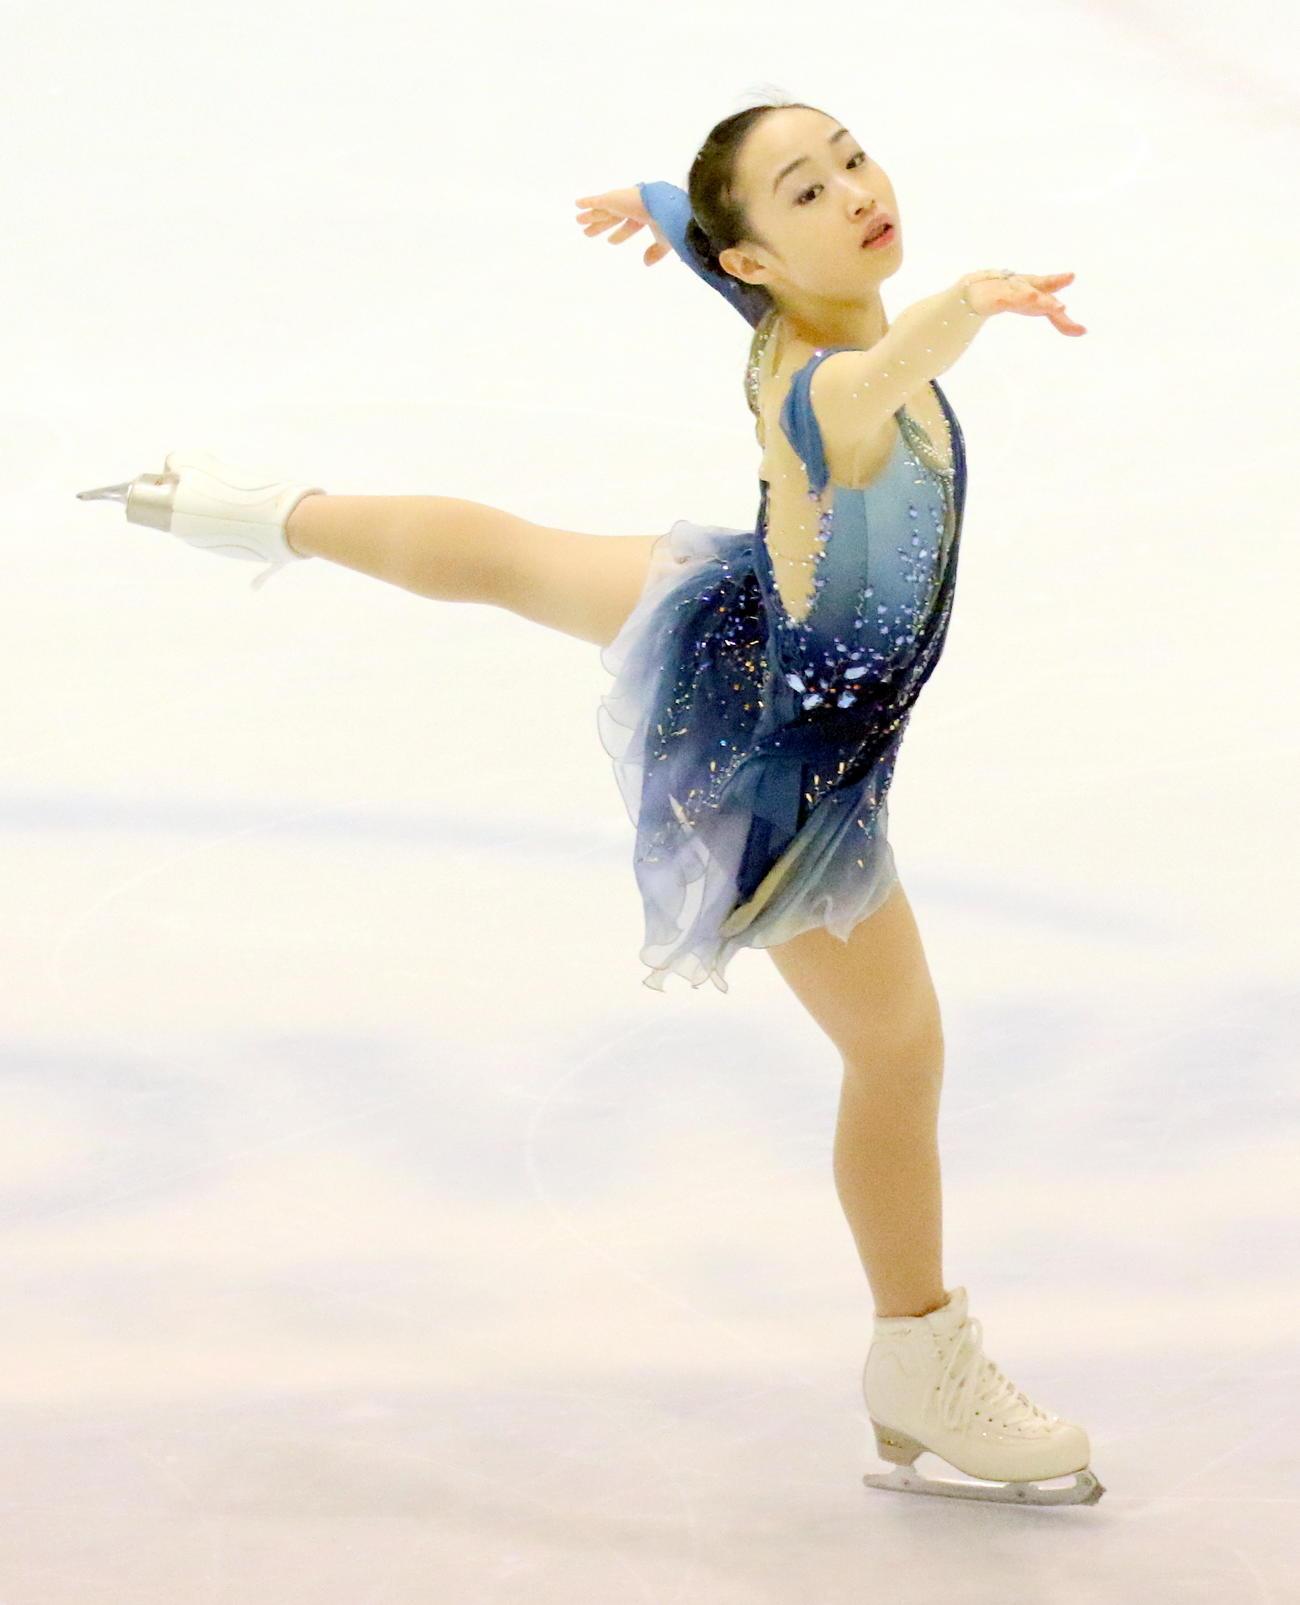 フィギュアスケート中部選手権 女子フリー シニア転向1年目で初優勝した松生理乃(撮影・木下淳)